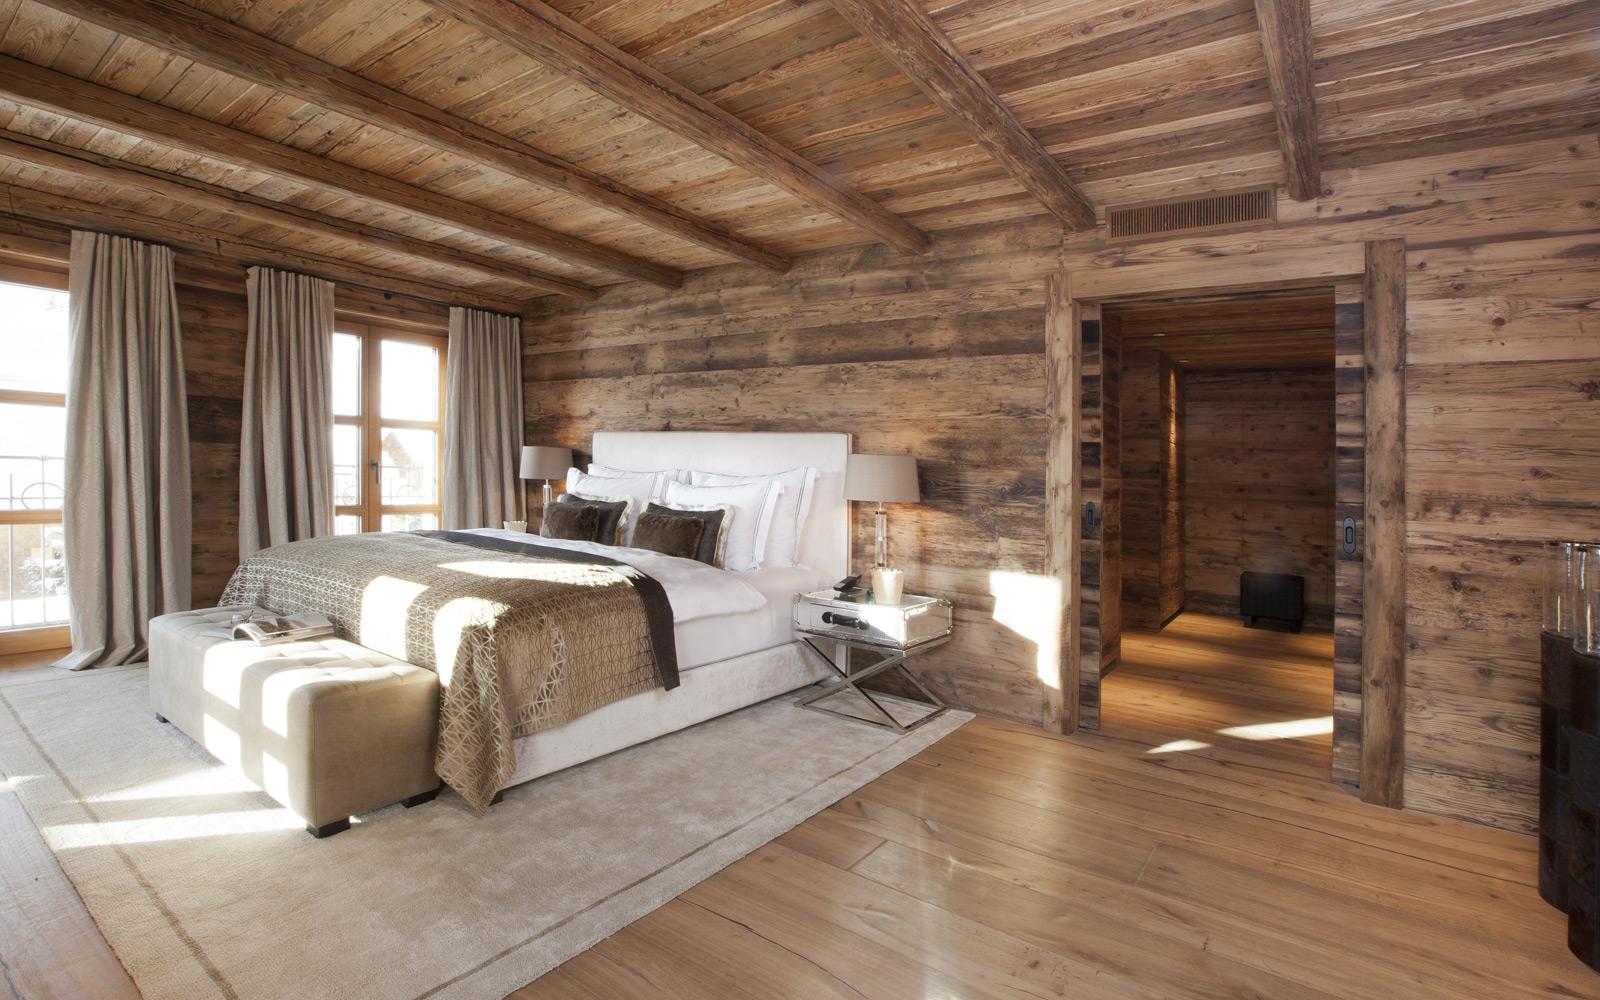 chalet n home interior. Black Bedroom Furniture Sets. Home Design Ideas